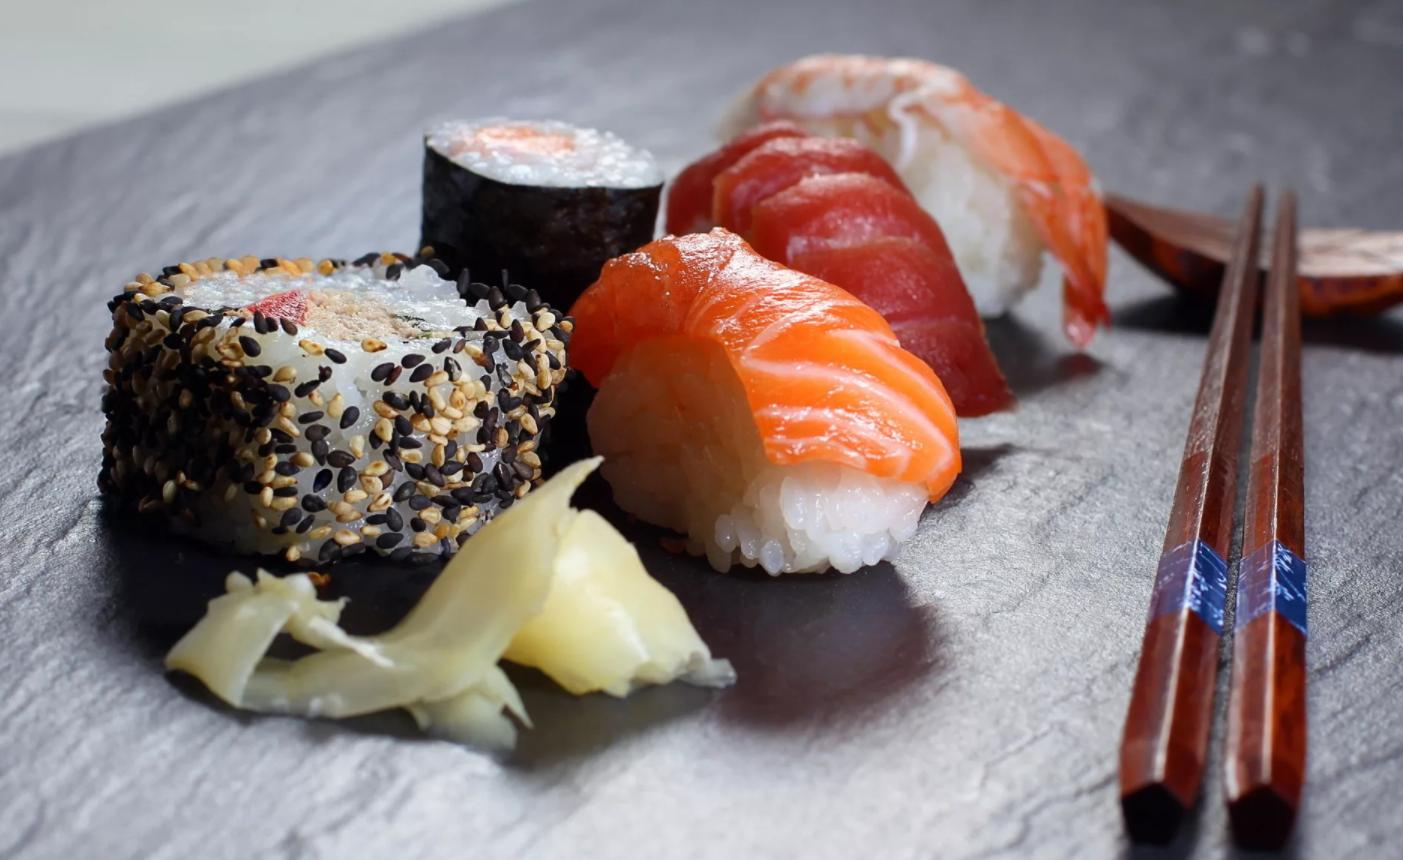 Суши вкусно и недорого: делайте заказы в проверенном месте